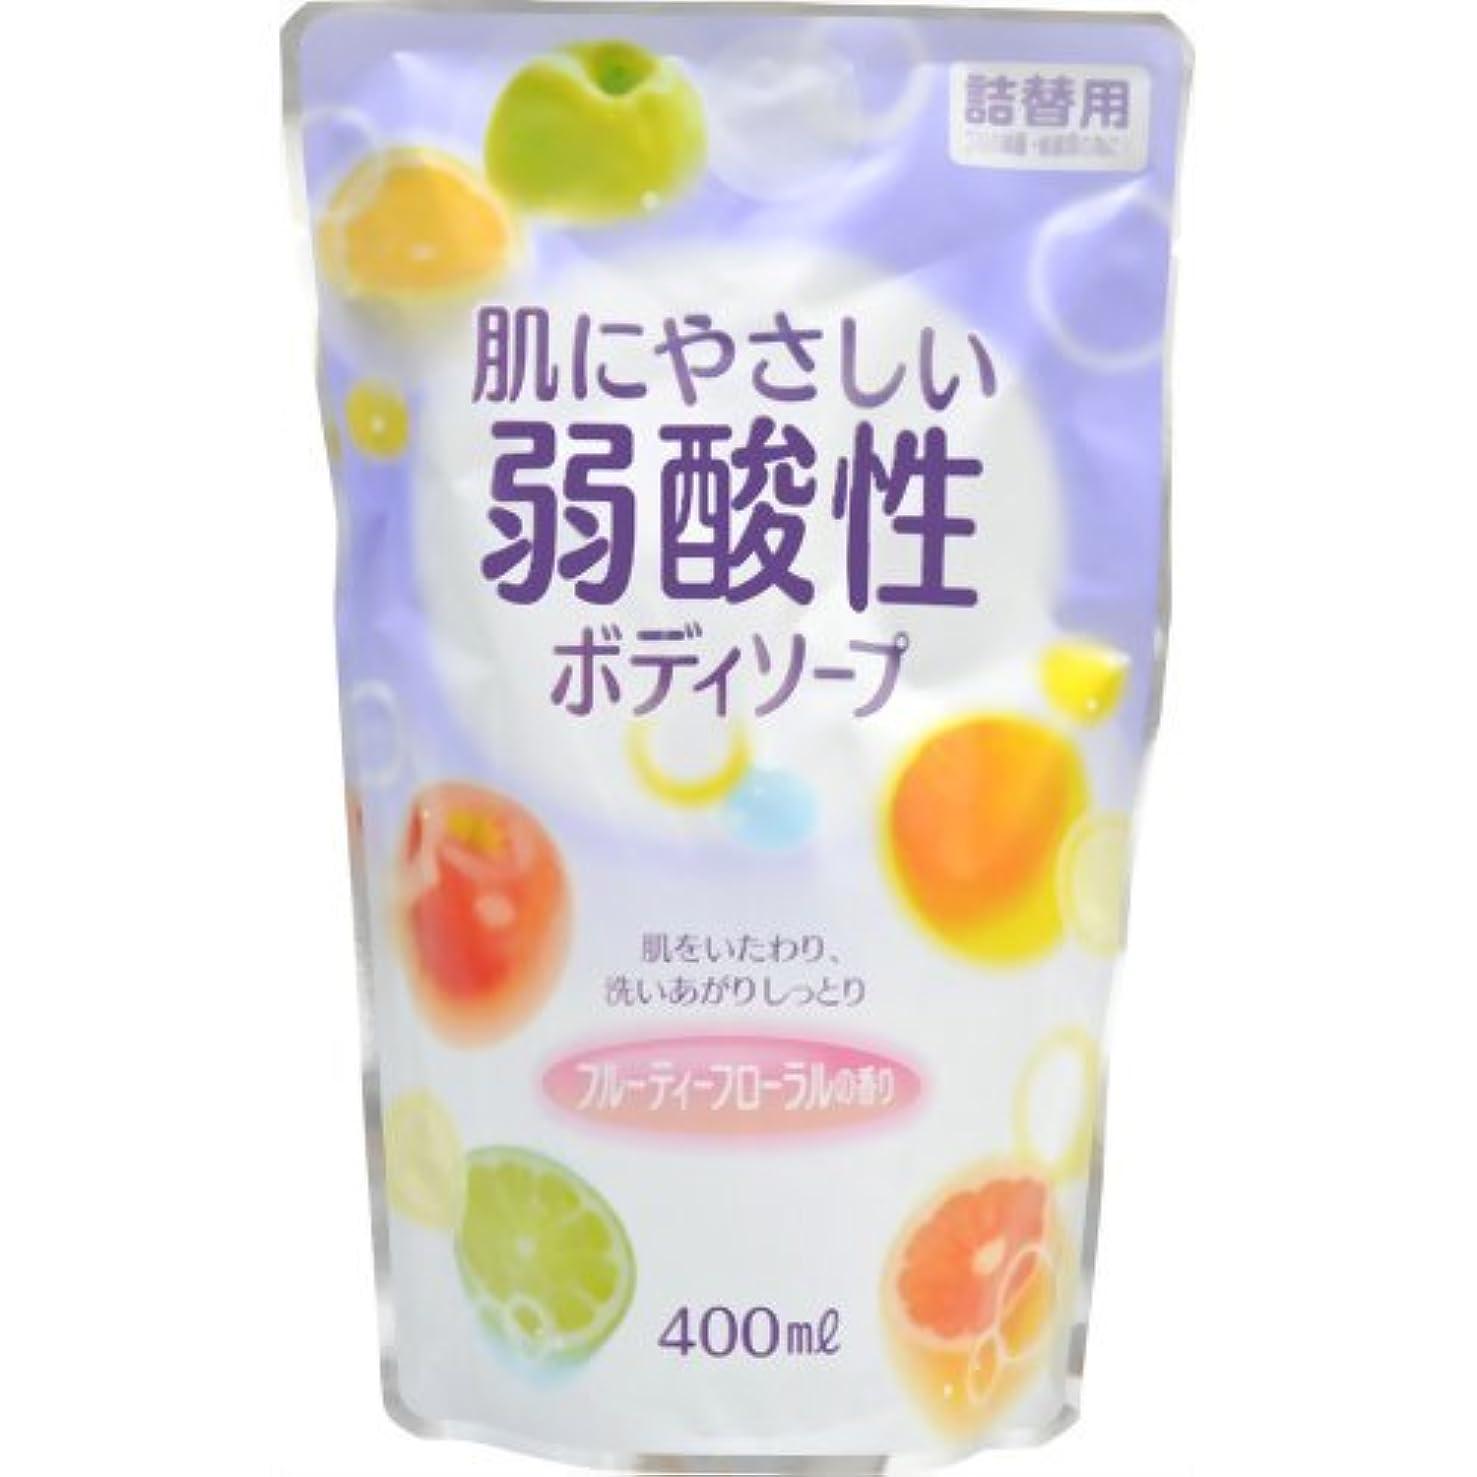 前投薬流出文句を言う弱酸性ボディソープ フルーティーフローラルの香り 詰替用 400ml